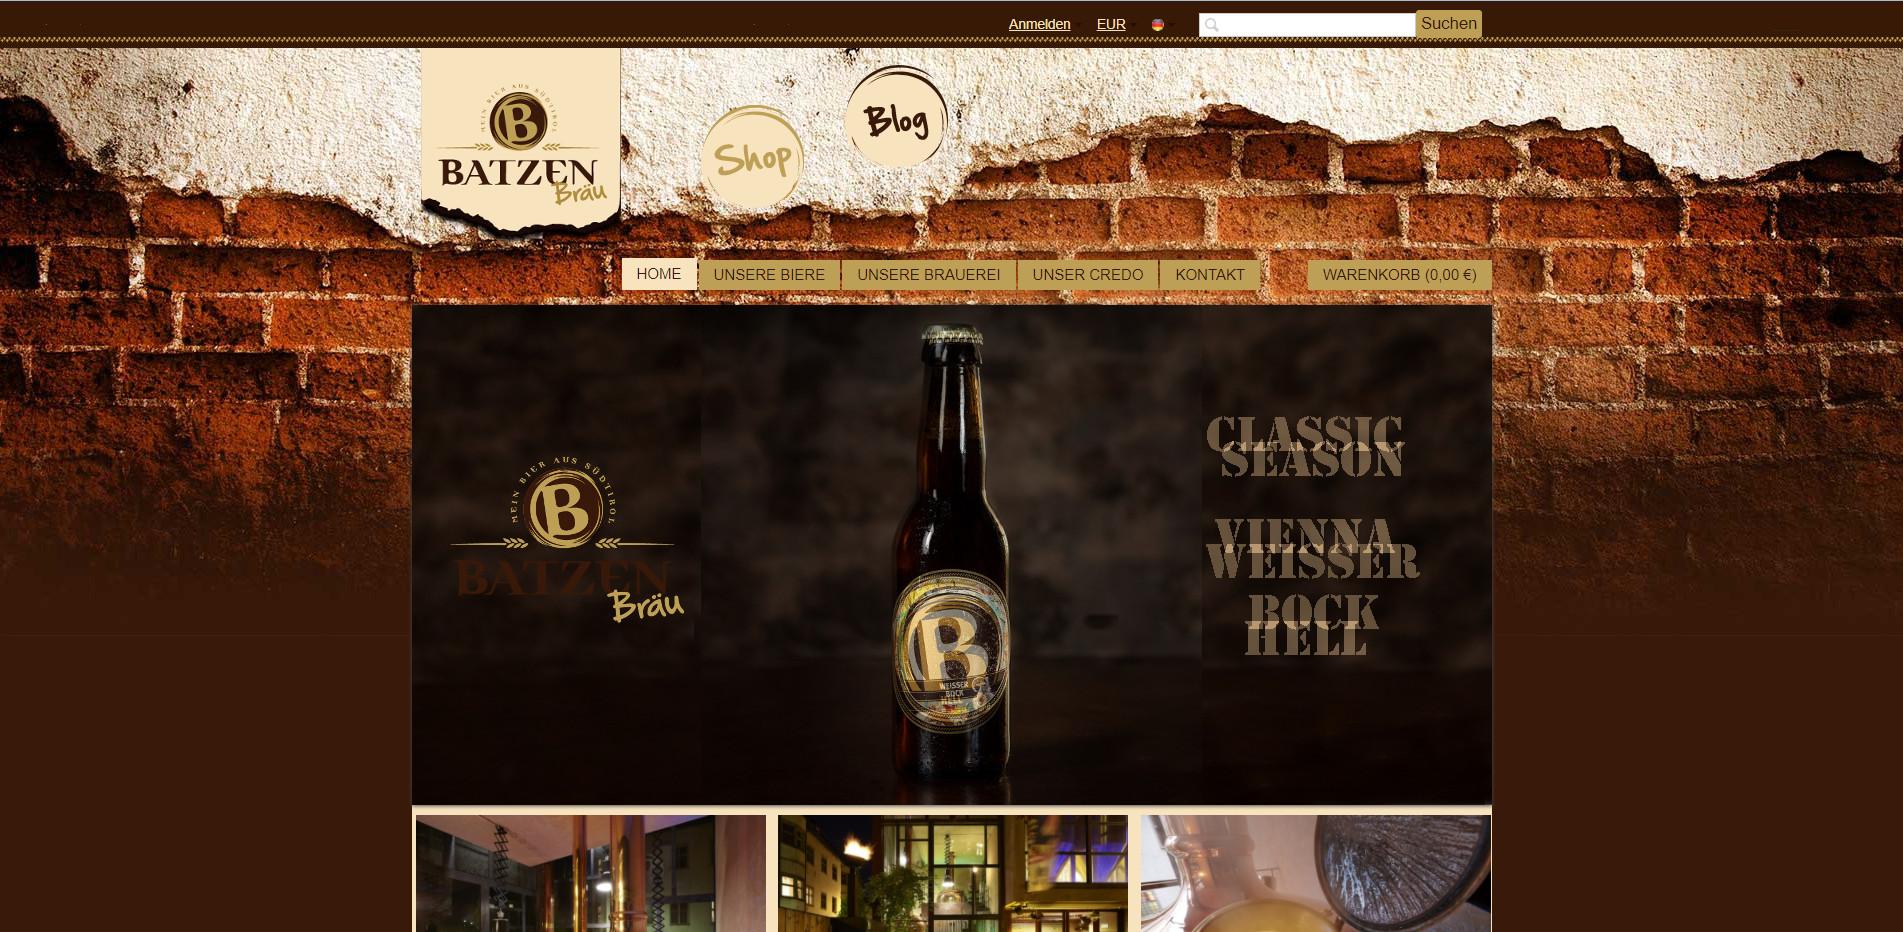 www.batzenshop.com